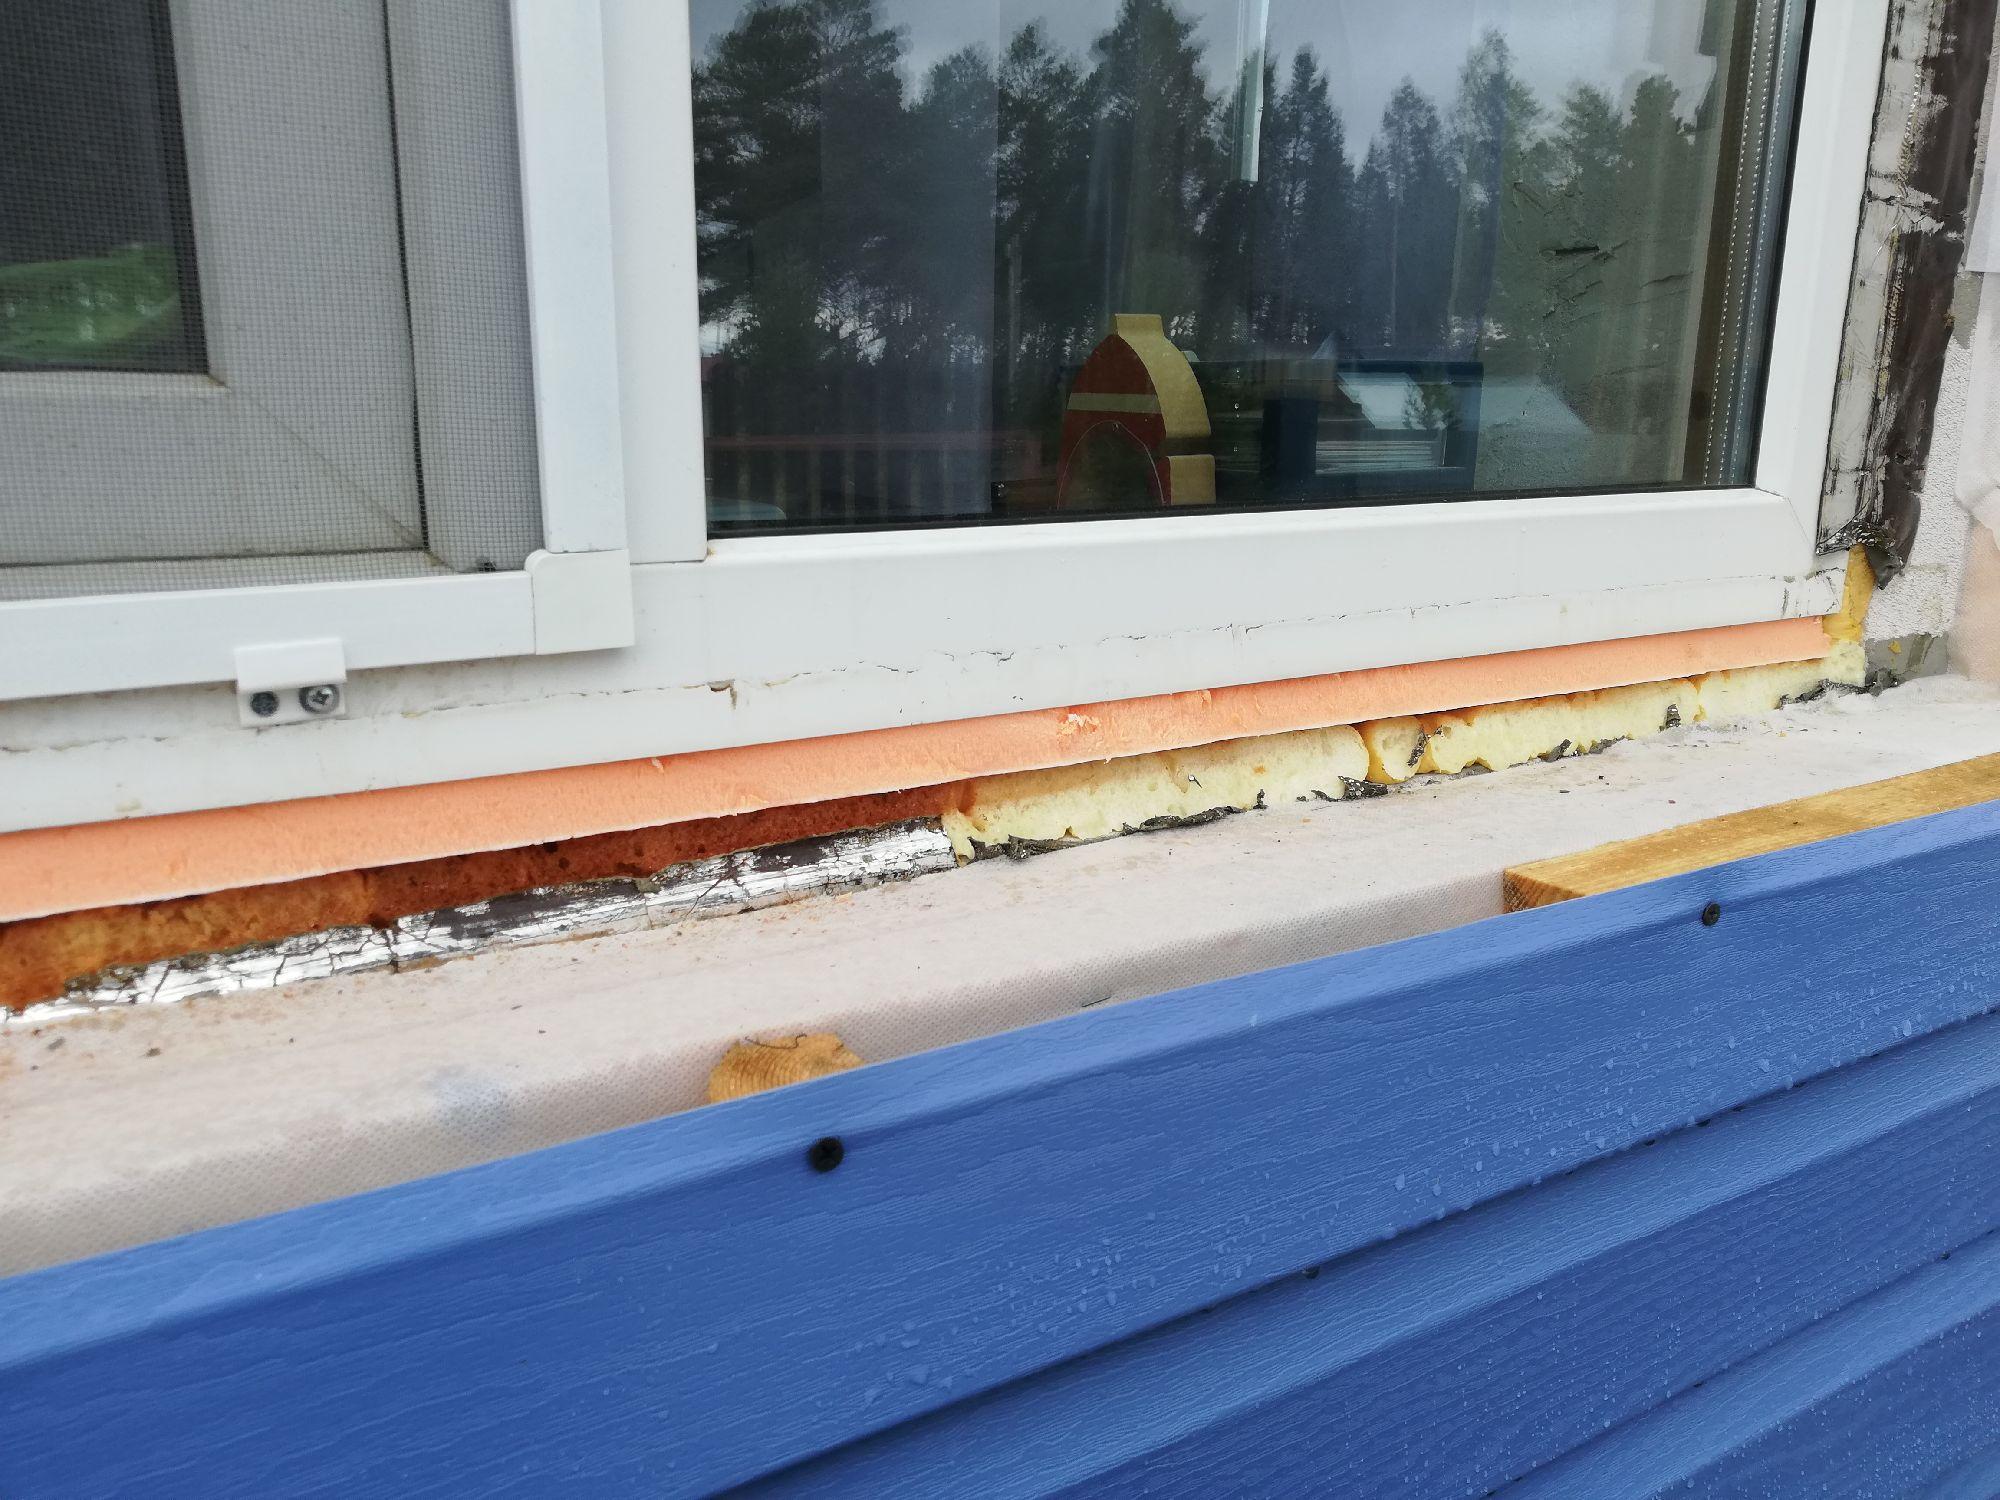 Под окно затолкали Пеноплекс, толщиной полтора сантиметра. Поверх него - отлив, втыкается в профиль окна.